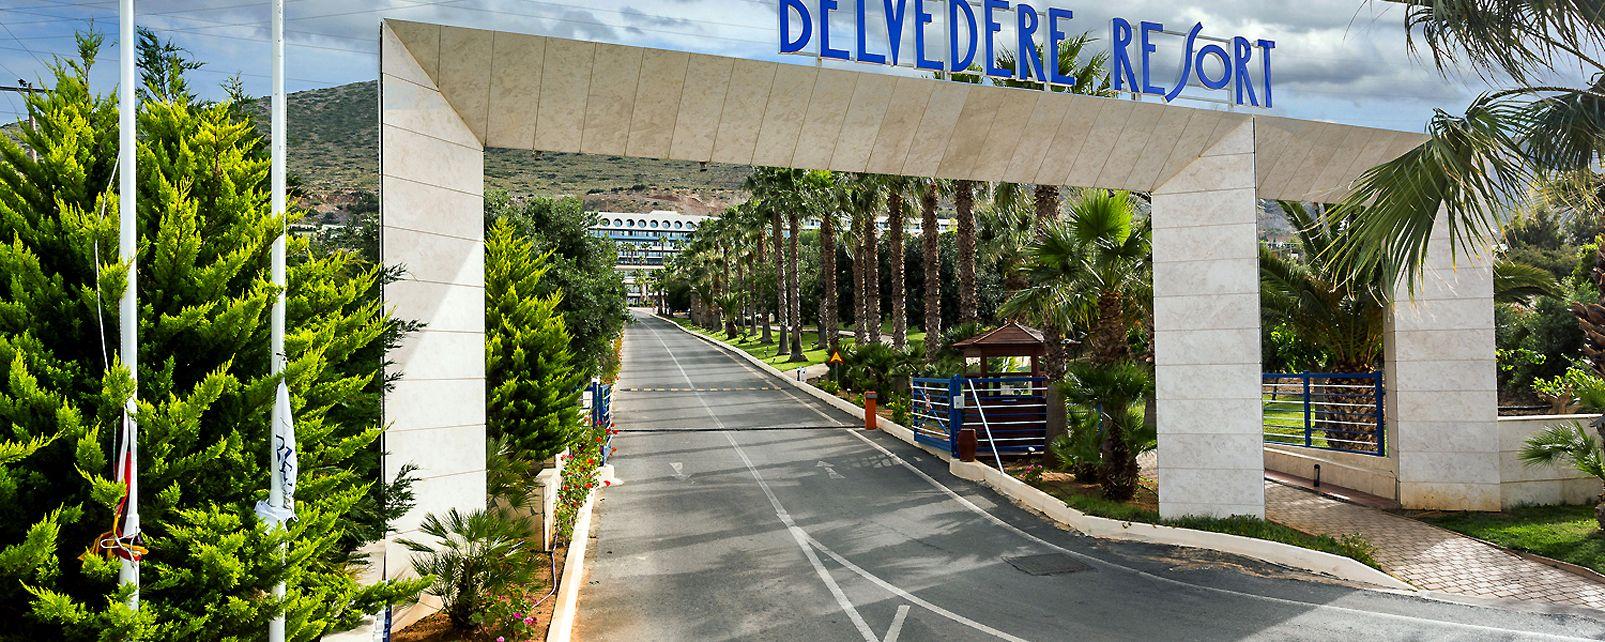 Hotel Royal Belvédère